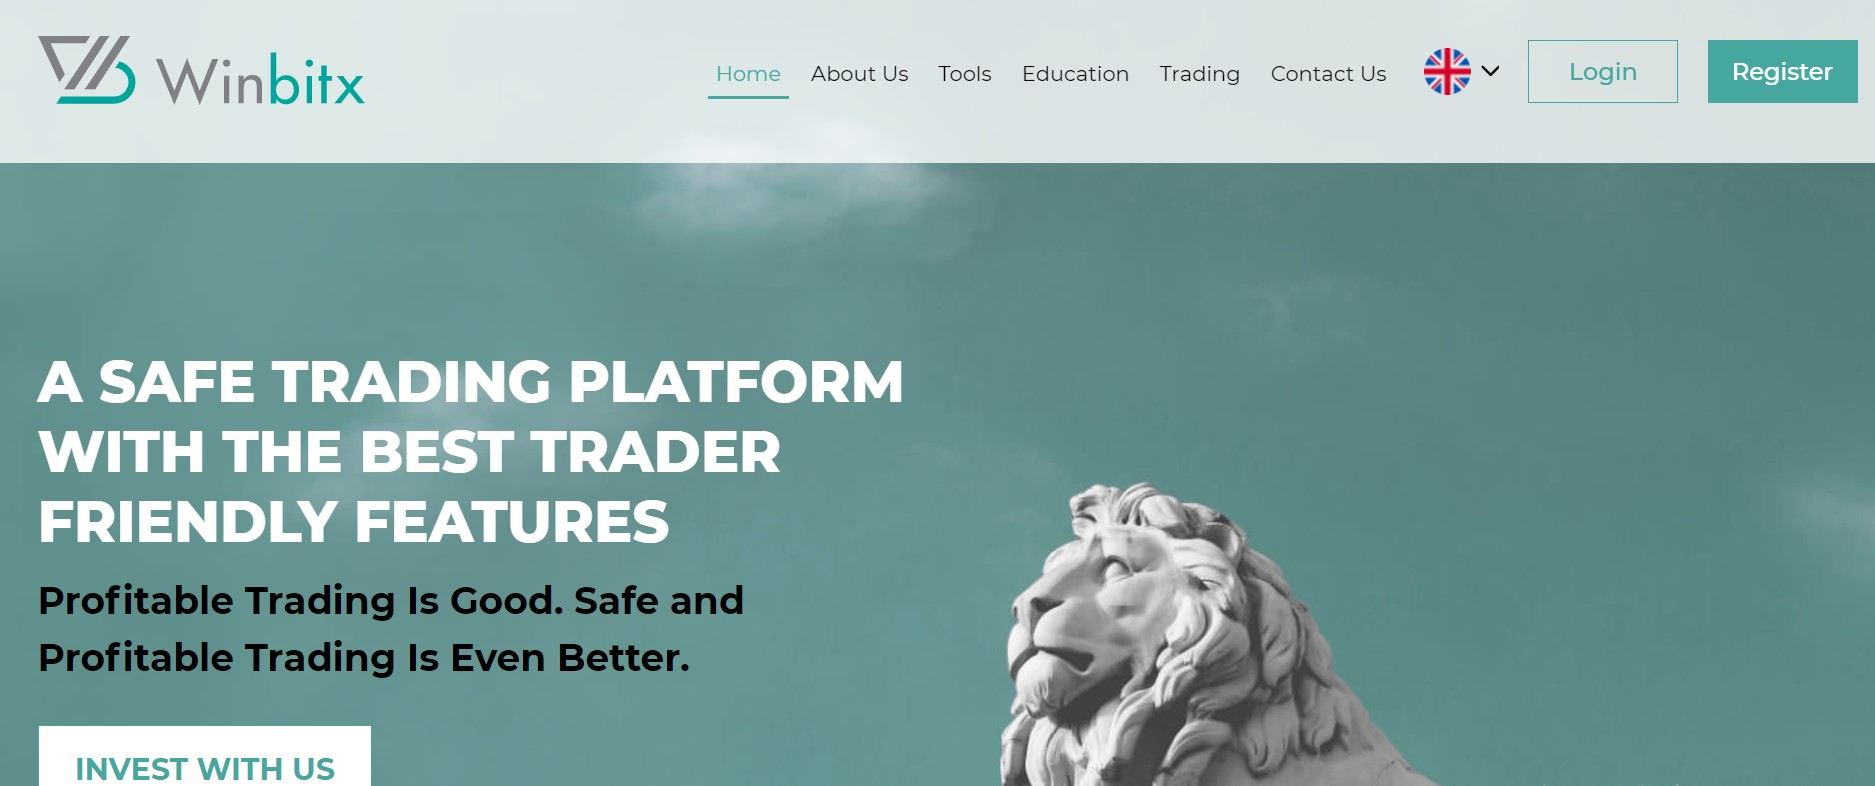 Winbitx website